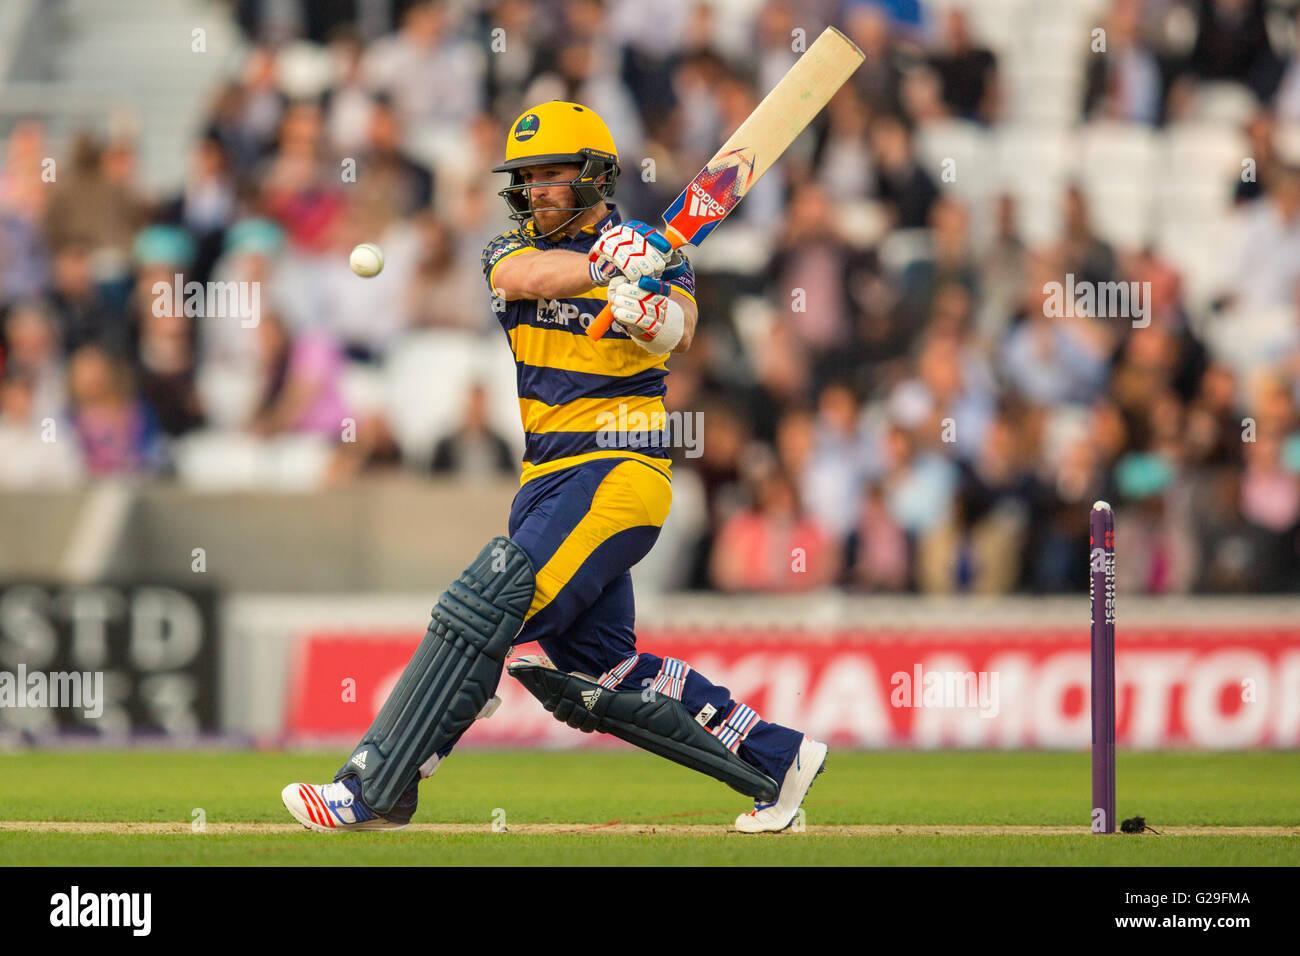 Londres, Reino Unido. 26 de mayo de 2016. David Lloyd bateando para Glamorgan en el T20 blast partido de cricket Imagen De Stock